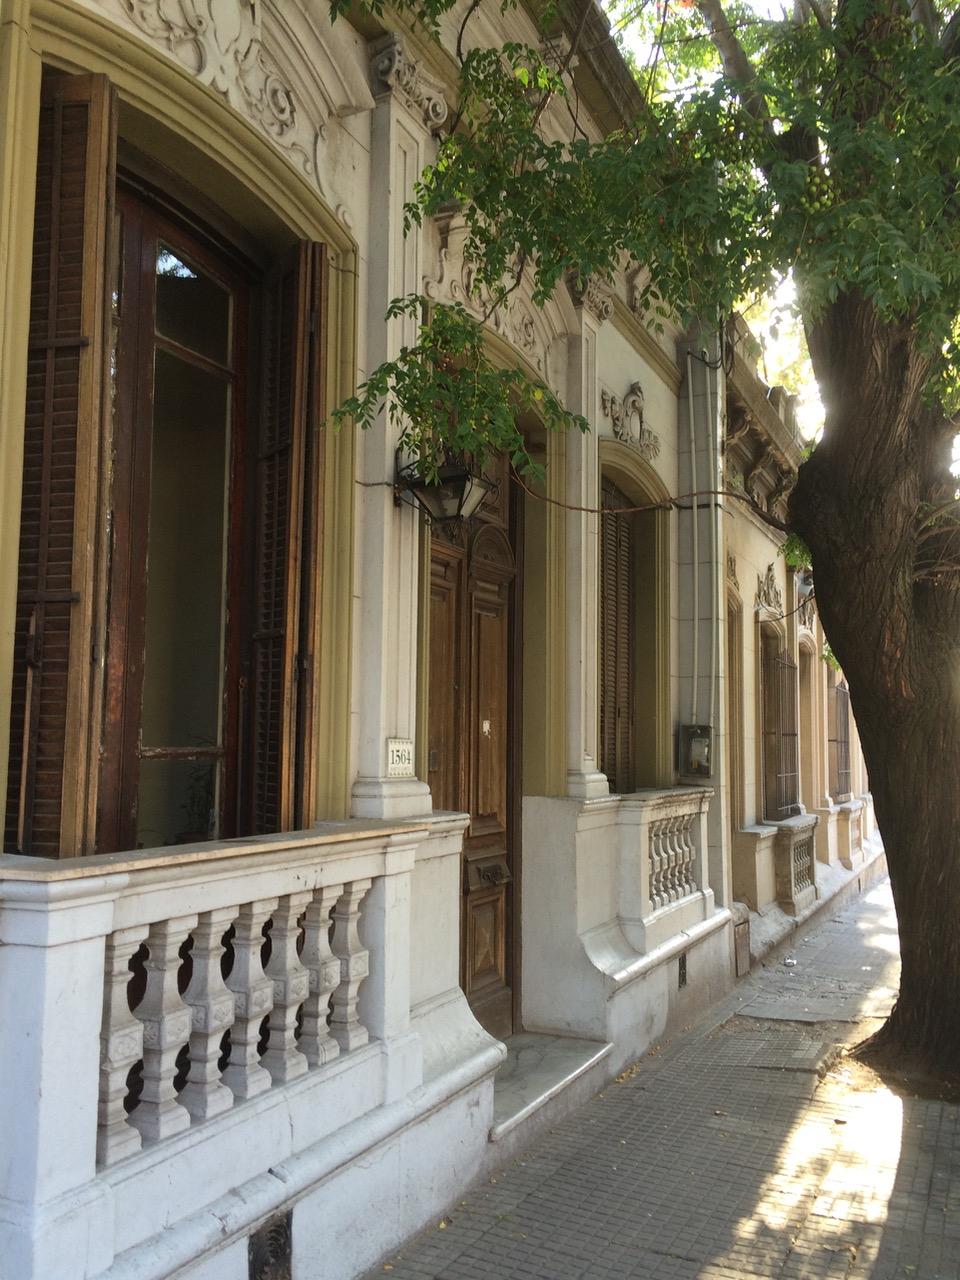 The residential area near Mercado Agricola de Montevideo